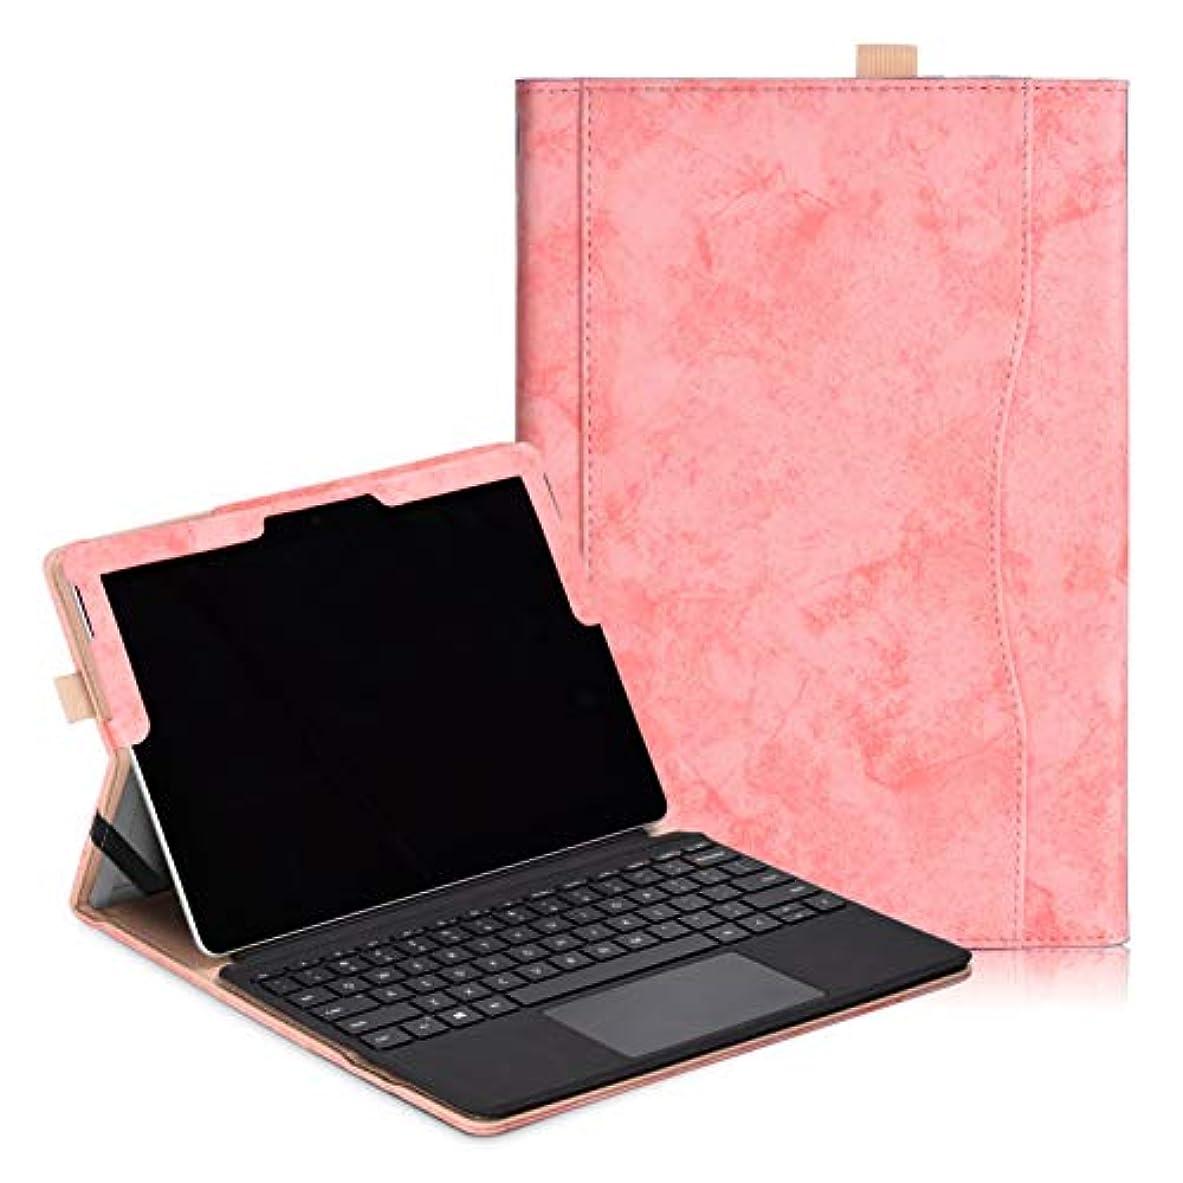 販売計画。権利を与える【ANNNGROUP】Surface Go ケースマイクロソフト Surface Go 10インチタブレット スタンド機能付きペンホルダー付き 全6色可選タブレットカバー タッチペン付き(ピンク)